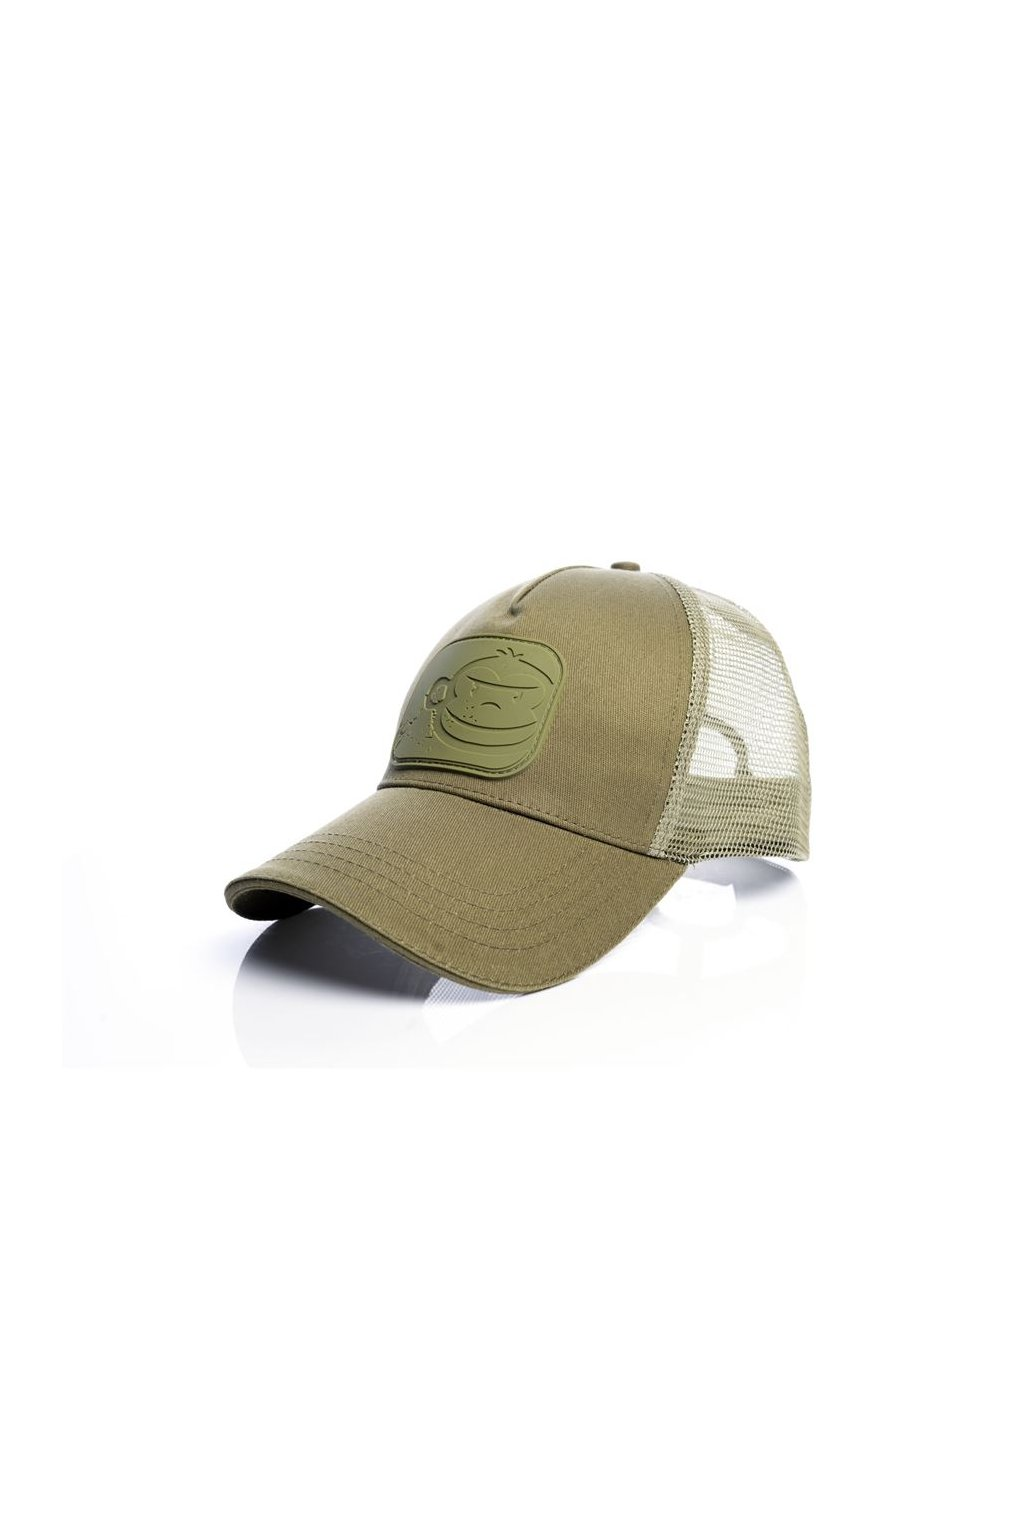 RidgeMonkey: Kšiltovka APEarel Dropback Pastel Trucker Cap Zelená